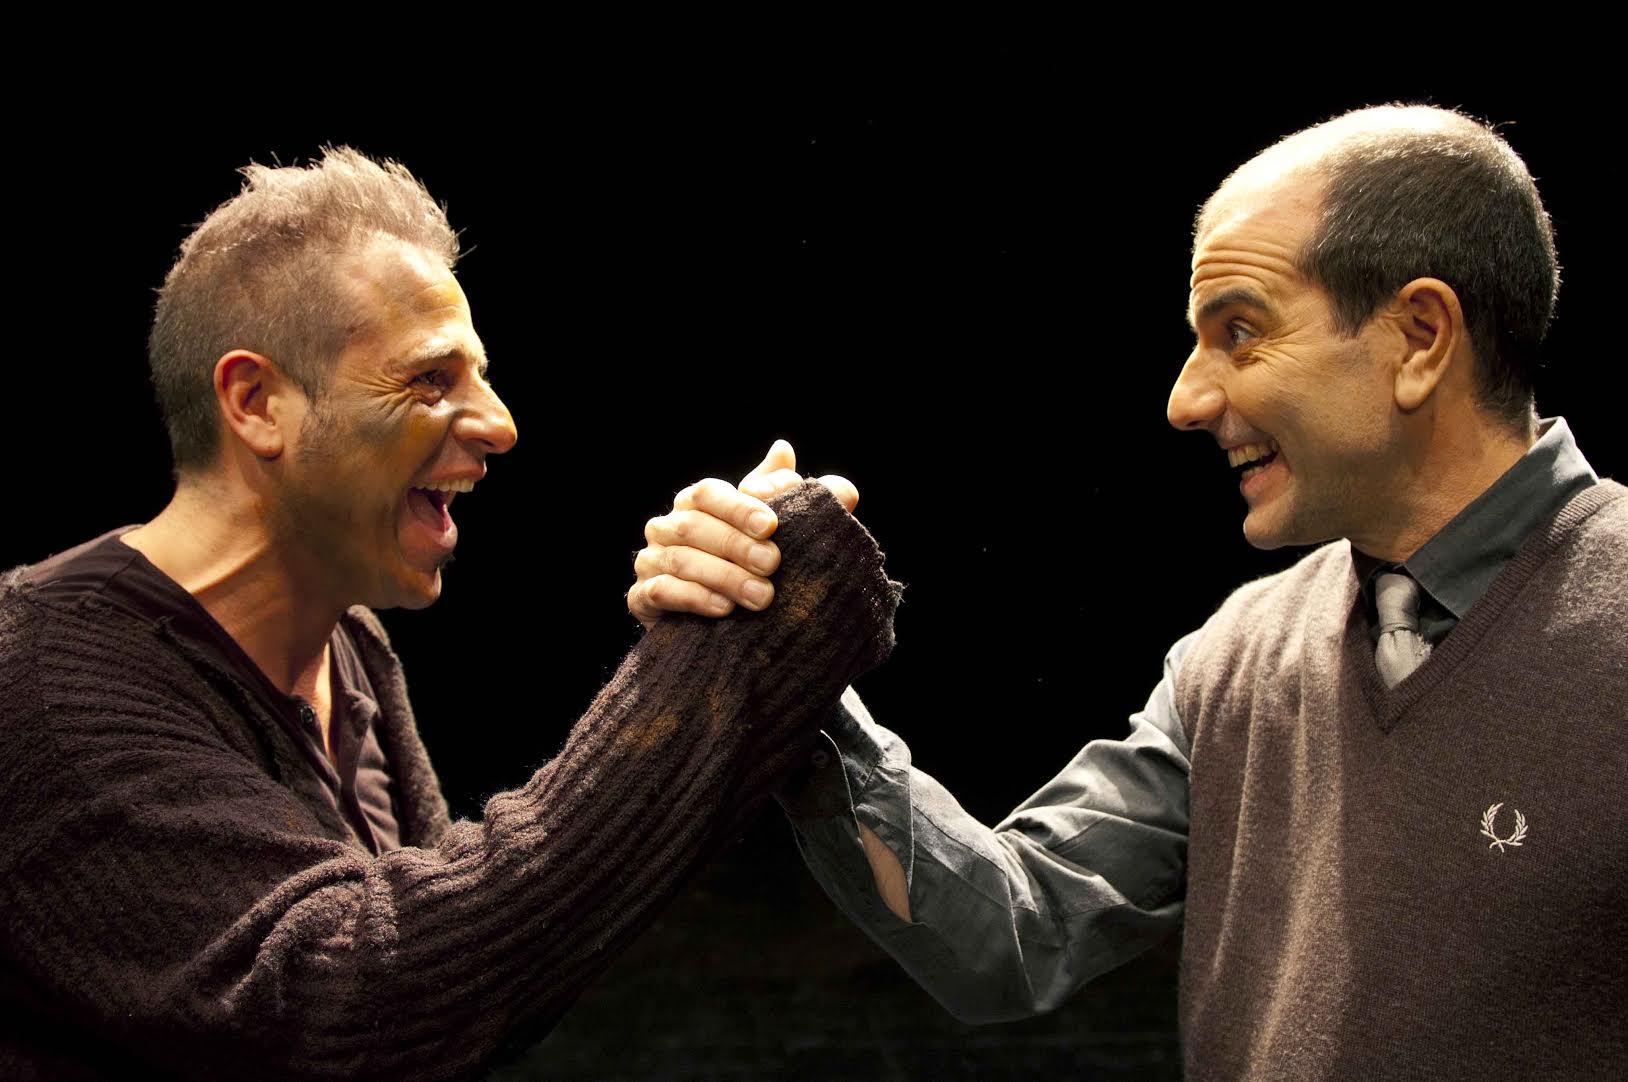 El musical Germans de Sang llega al Teatre del Raval de Barcelona